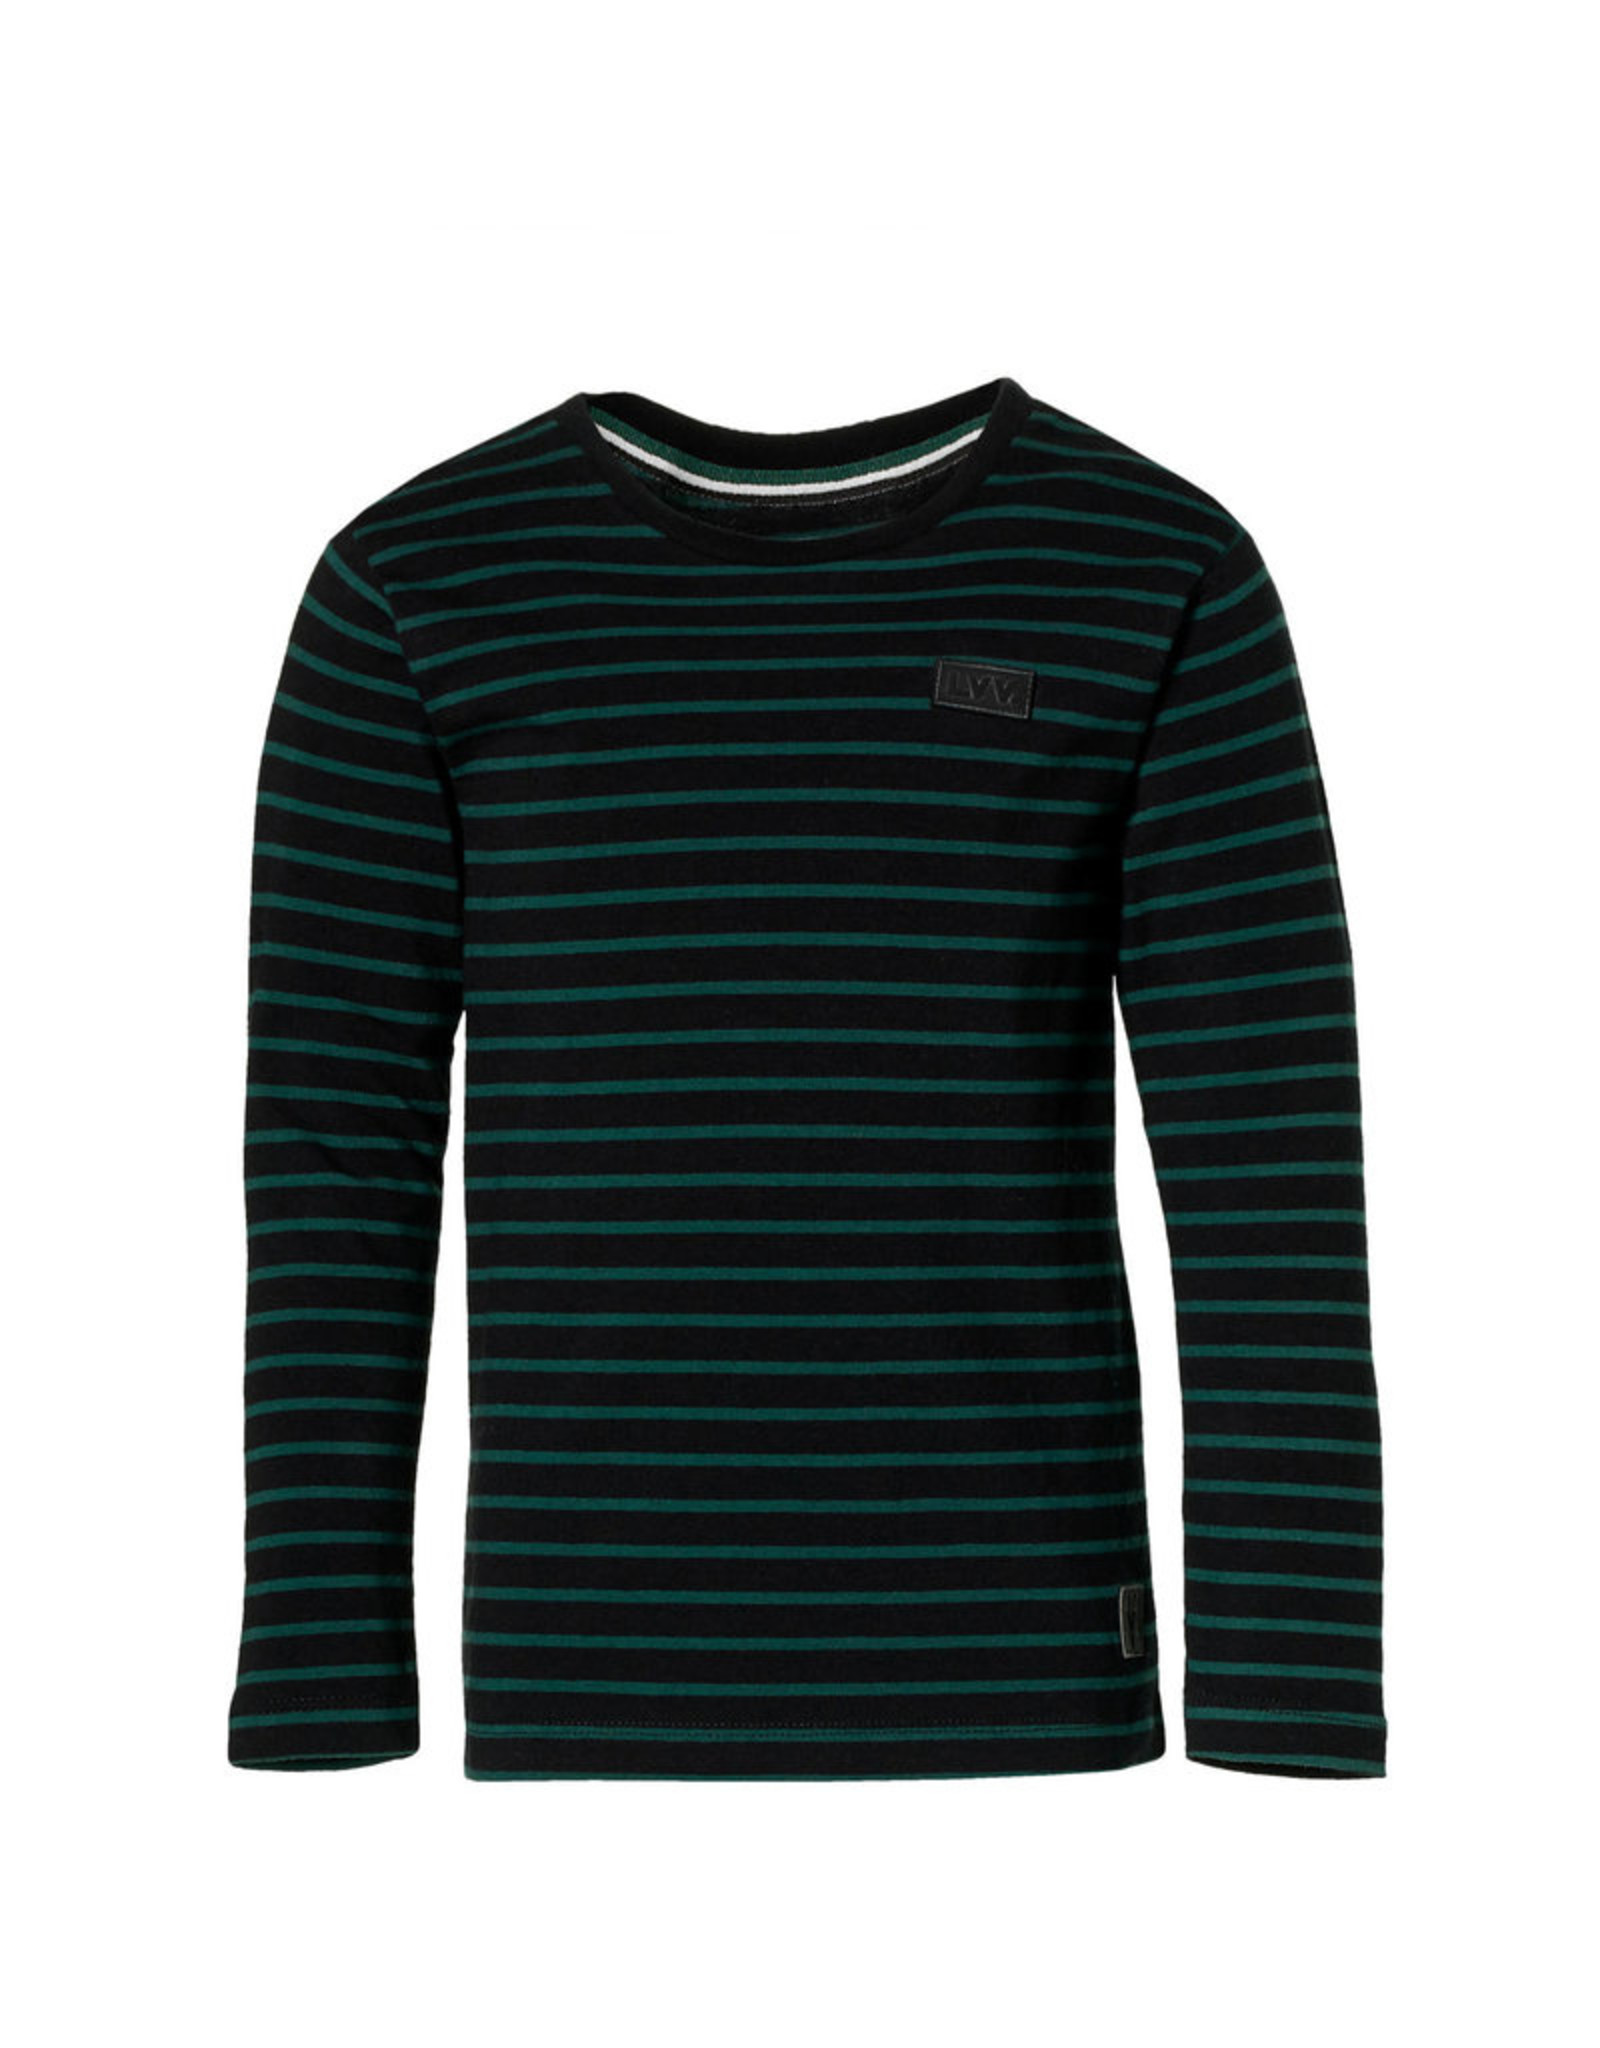 Levv T-shirt Lenn - zwart strepen